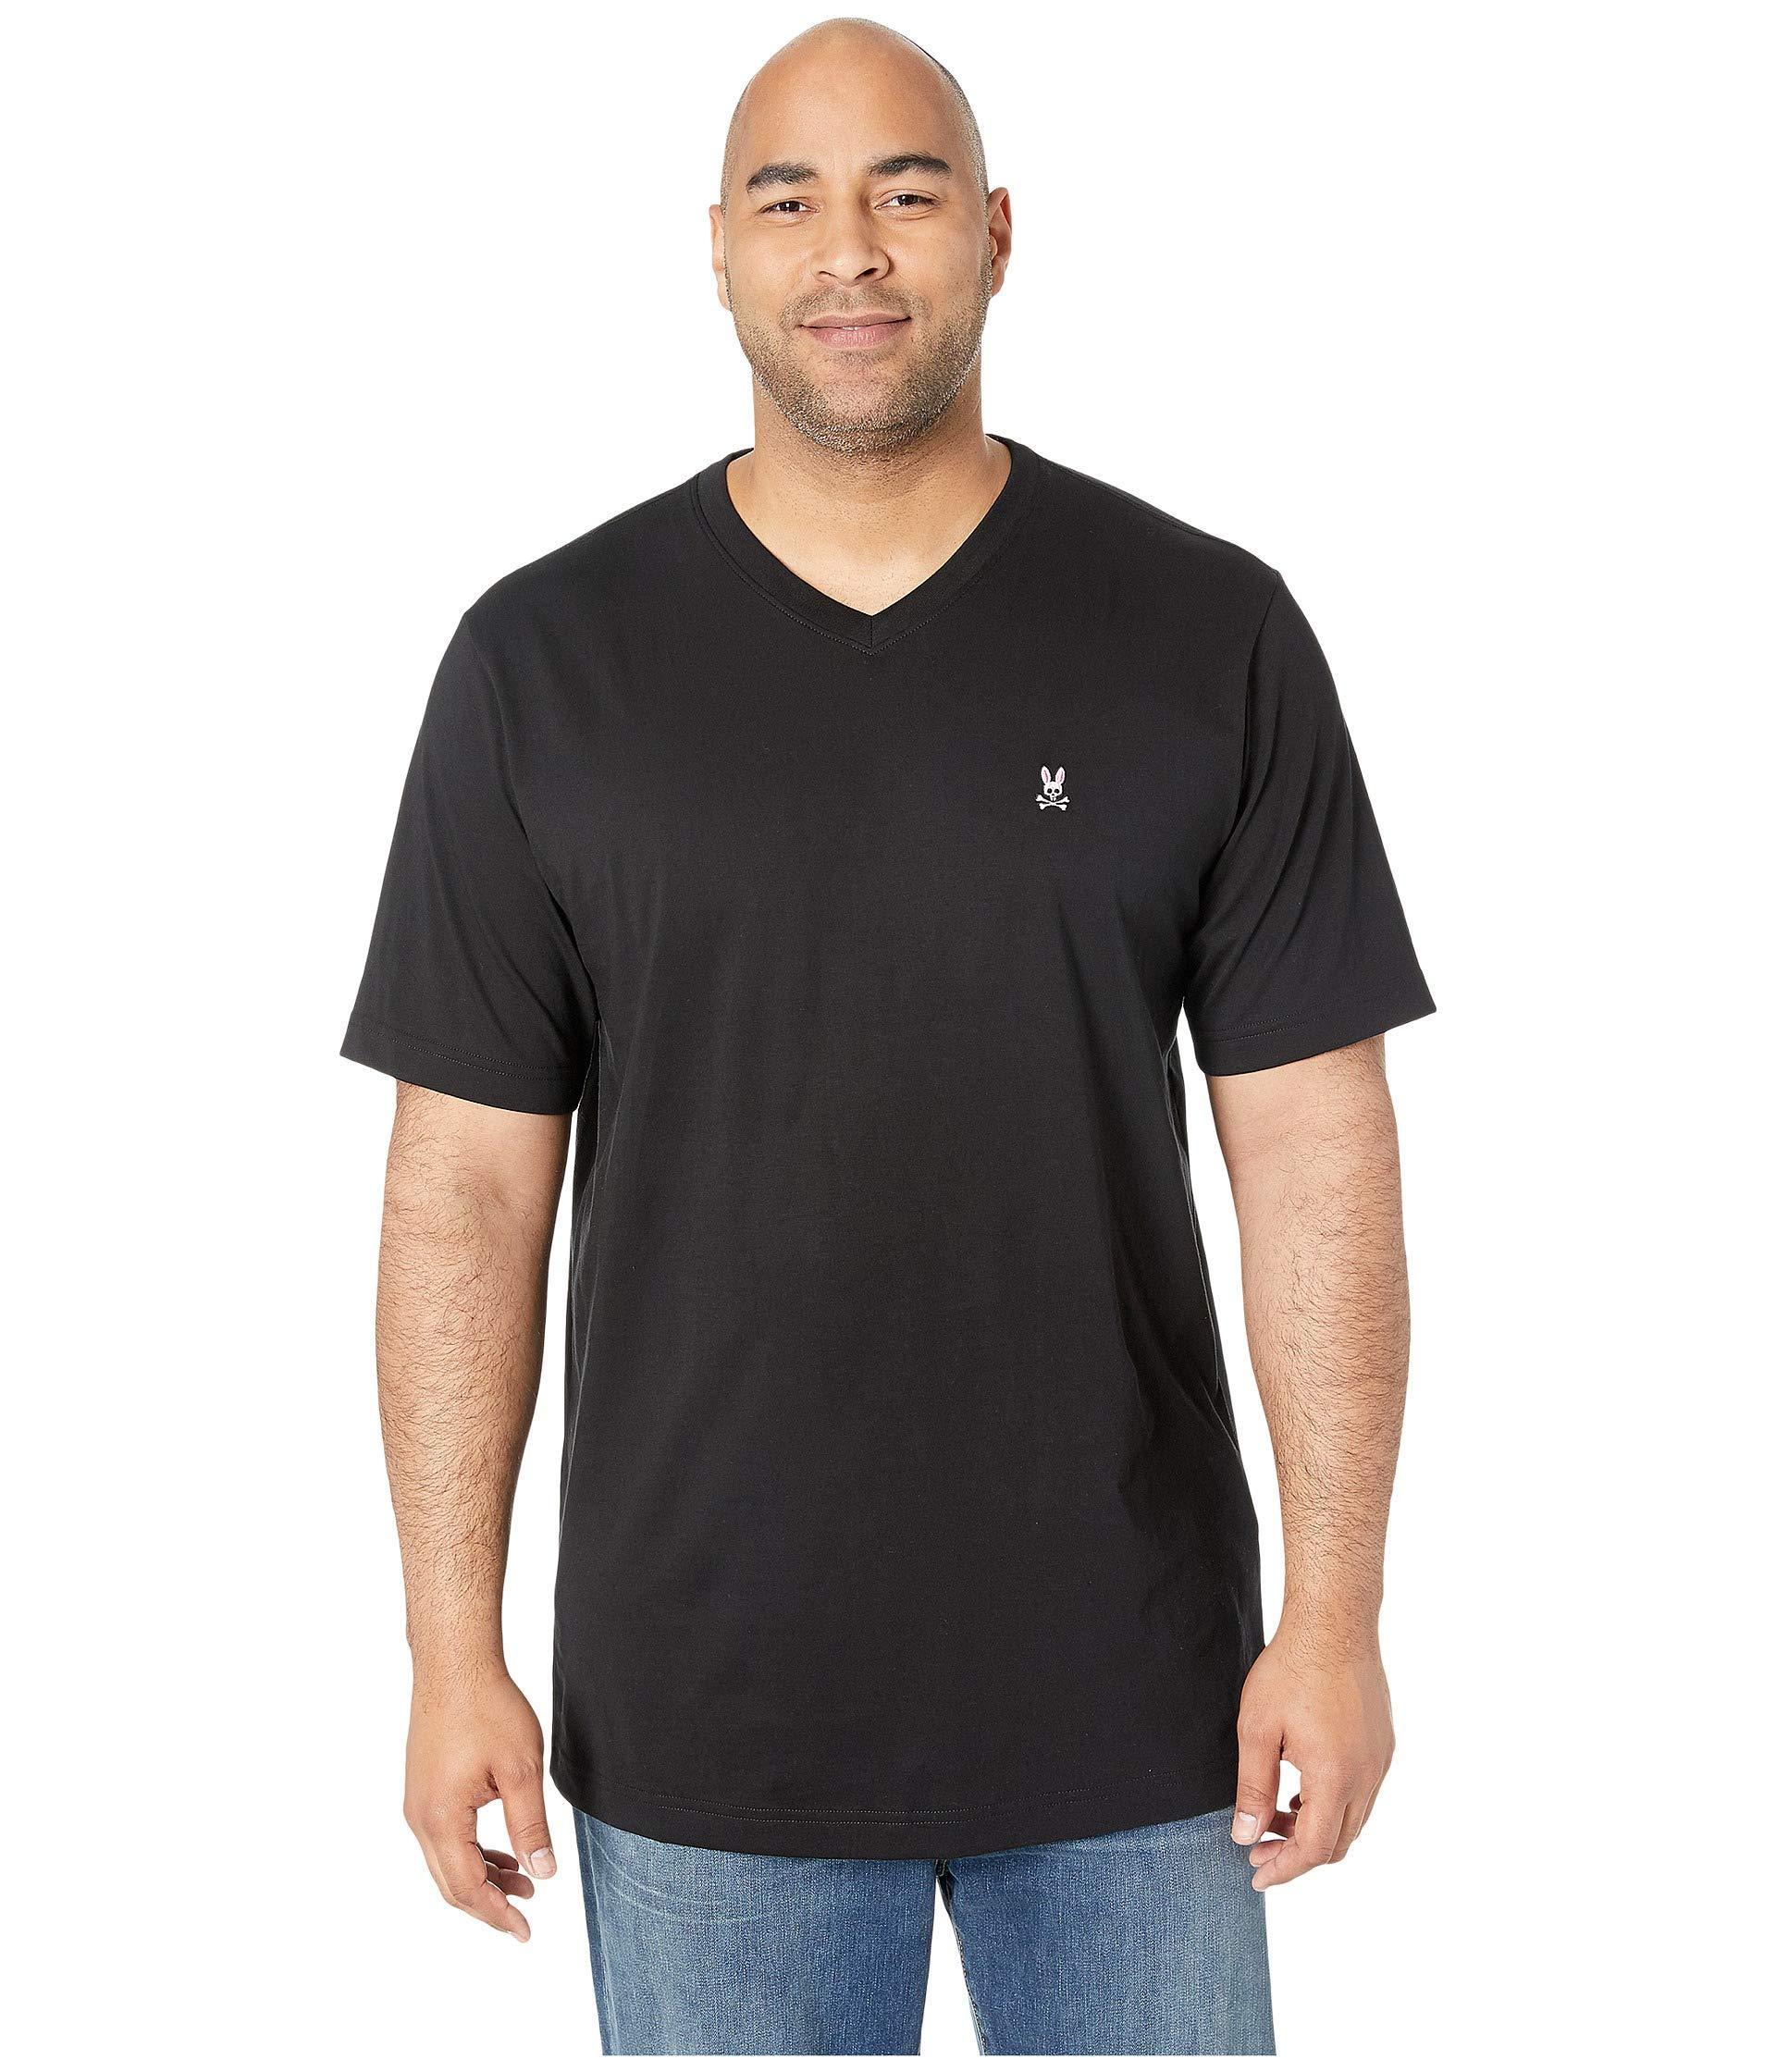 a296b0bfe47 Hanes - Big and Tall Men s 3 Pack V-Neck - Walmart.com